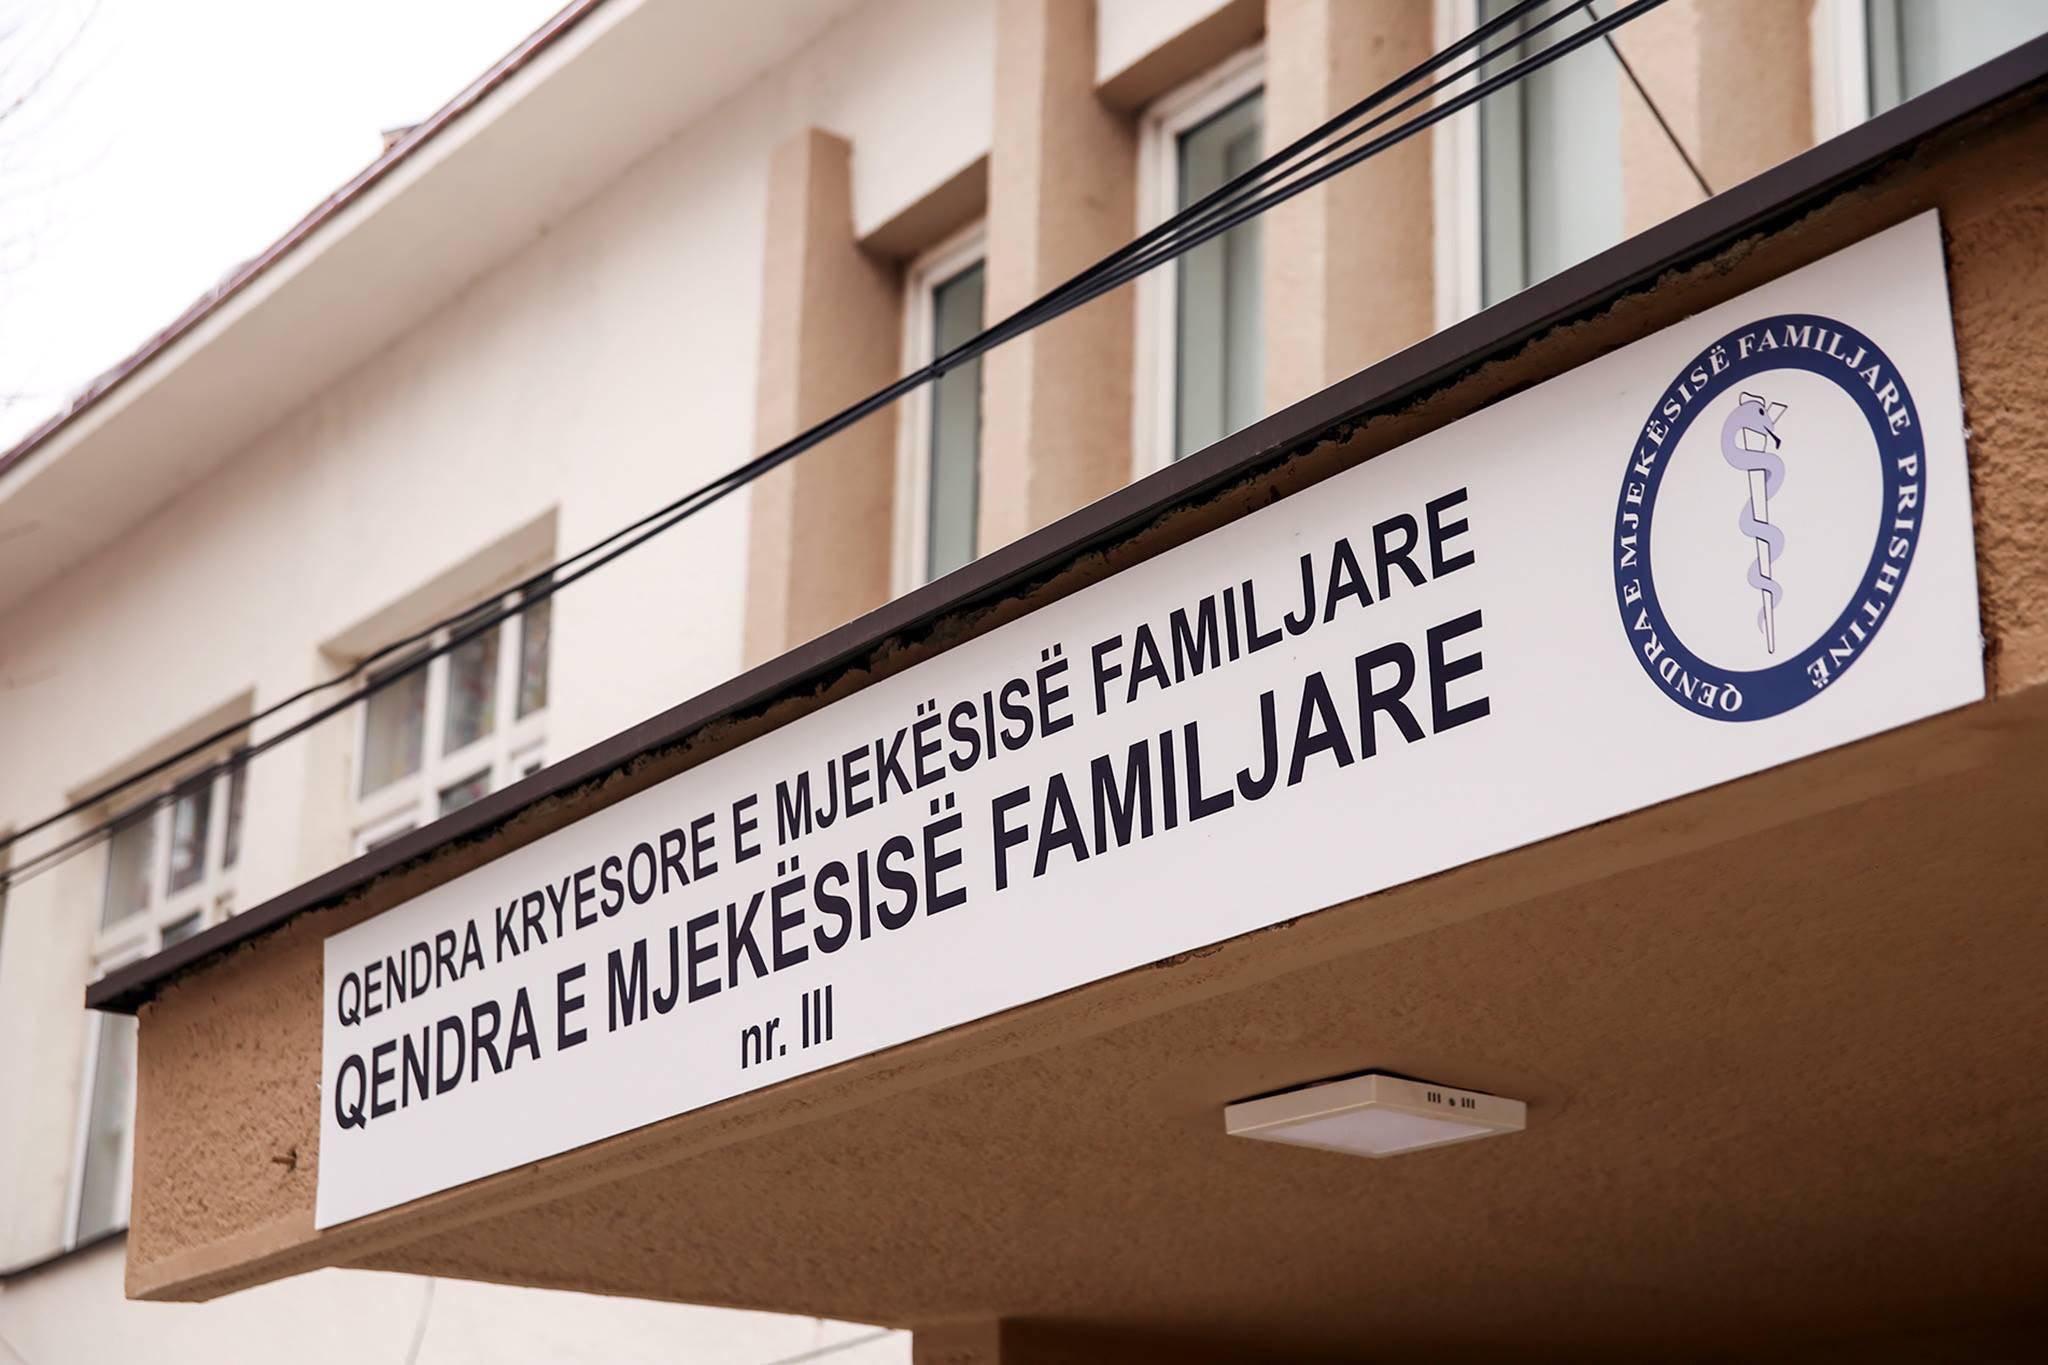 Qendrat e Mjekësisë Familjare të ngarkuara me pacientë të sëmurë nga gripi